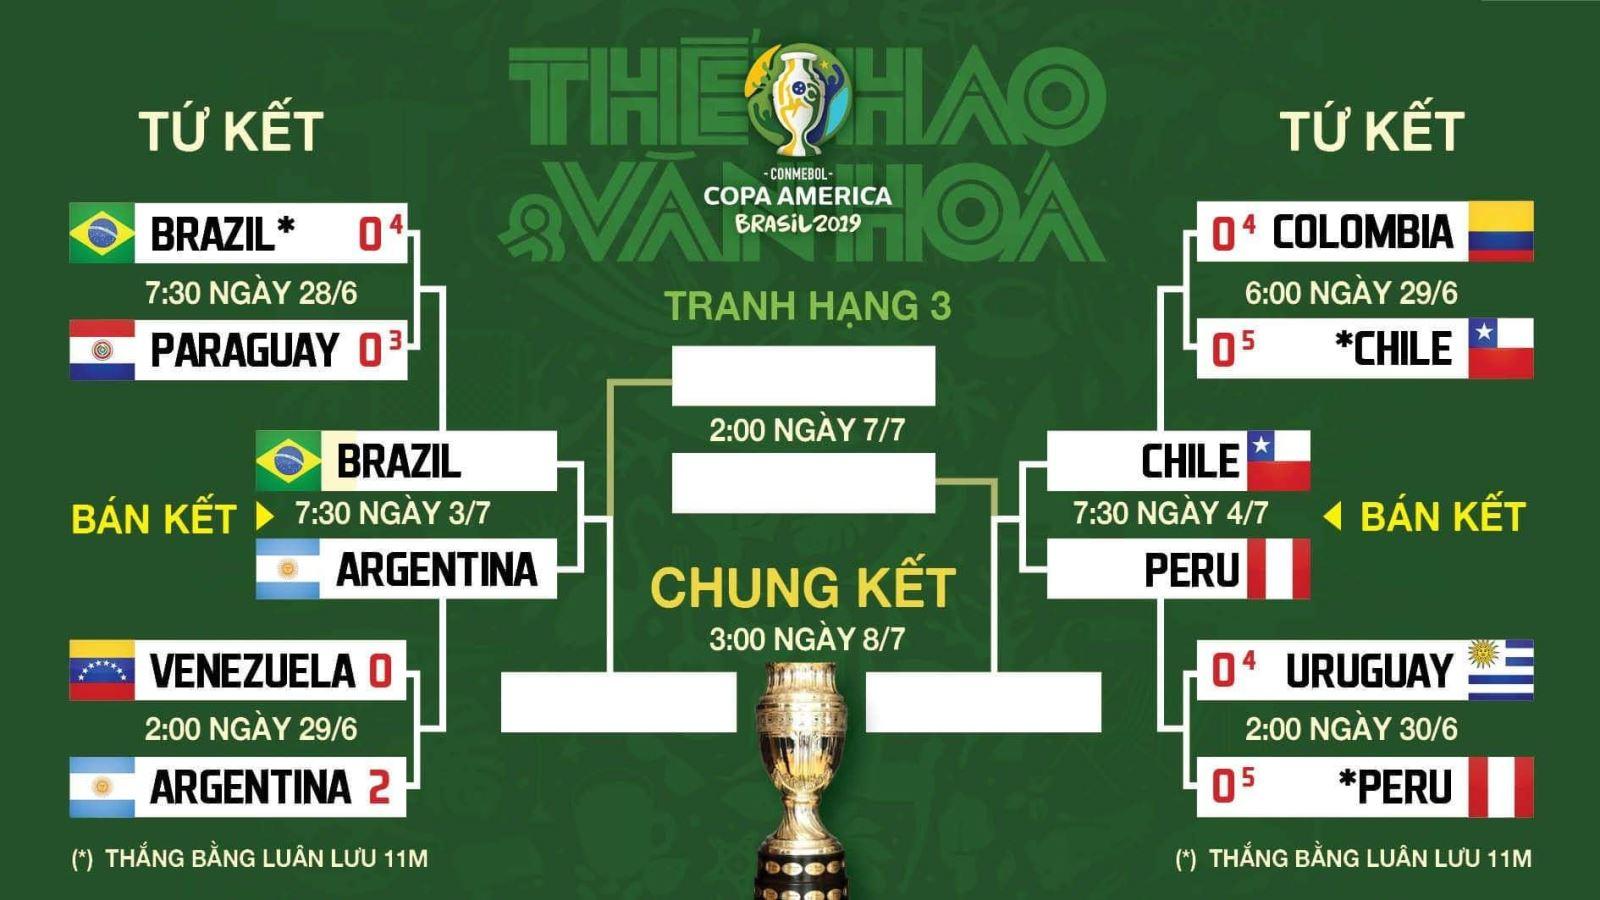 truc tiep bong da, trực tiếp bóng đá, trực tiếp bóng đá hôm nay, Brazil đấu với Argentina, Chile đấu với Peru, Brazil vs Argentina, Chile vs Peru, lịch thi đấu Copa America 2019